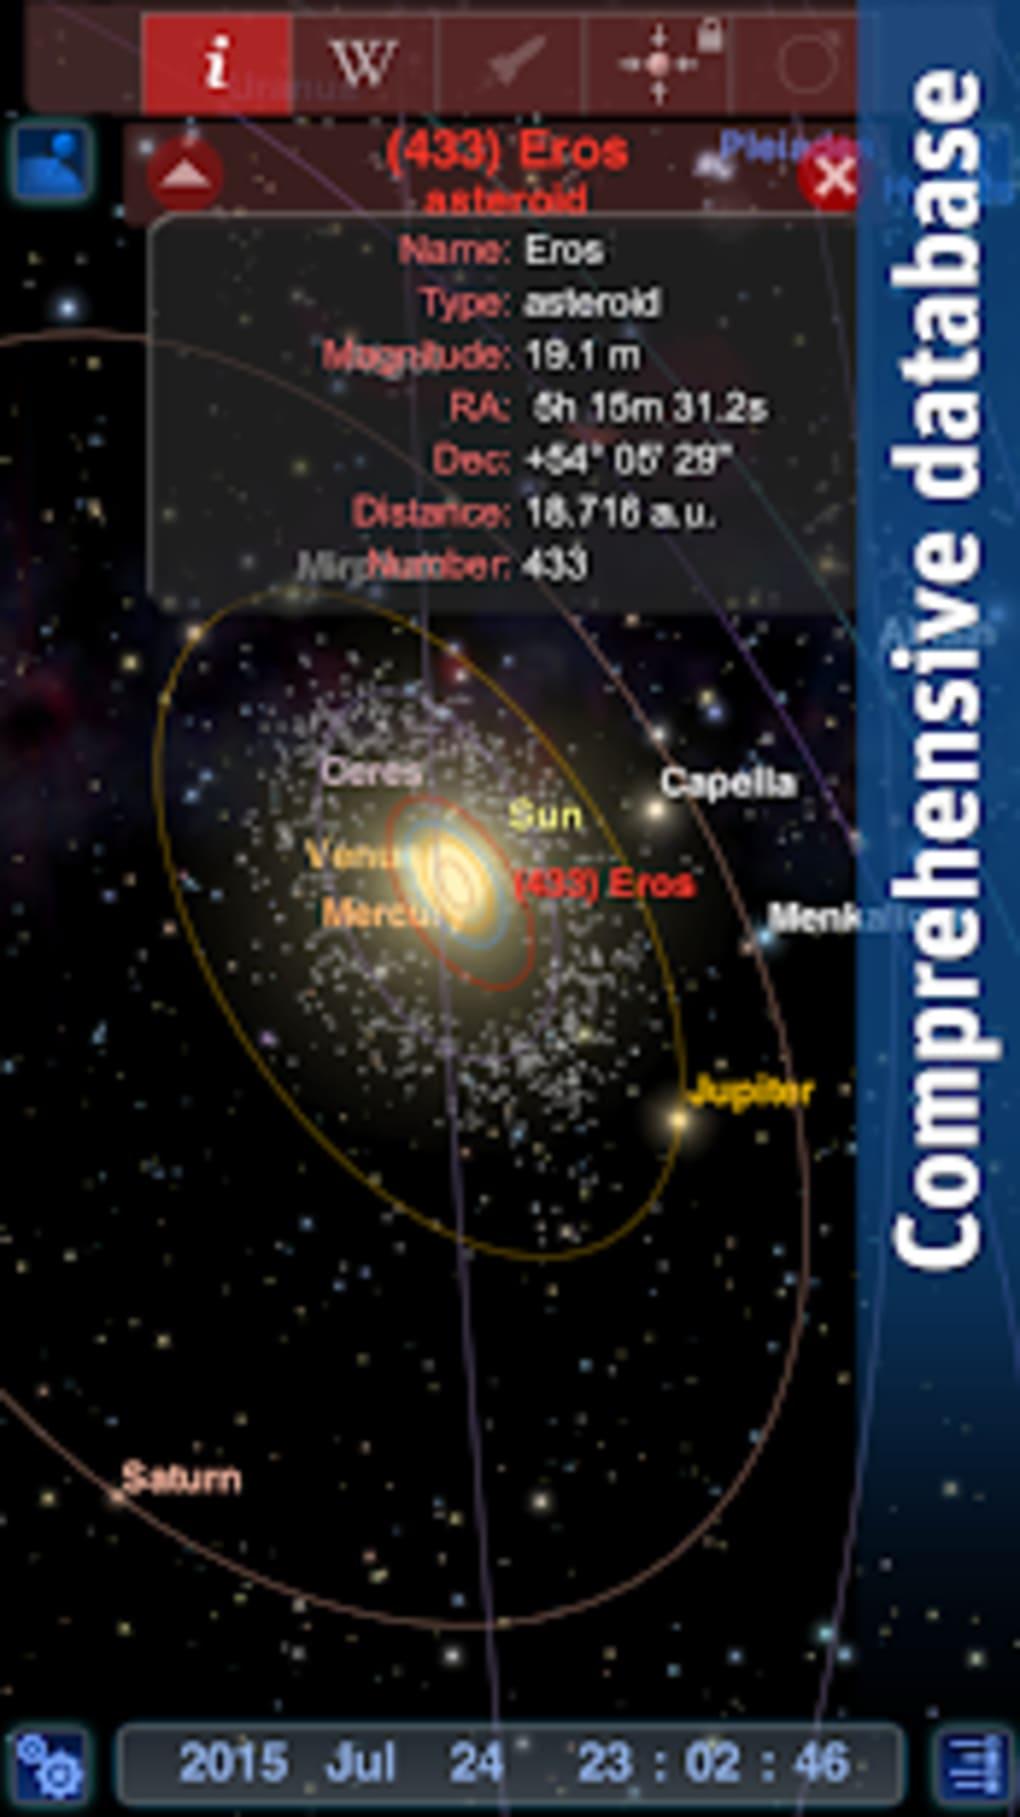 Redshift Astronomie Software Bildung, Sprachen & Wissen mac